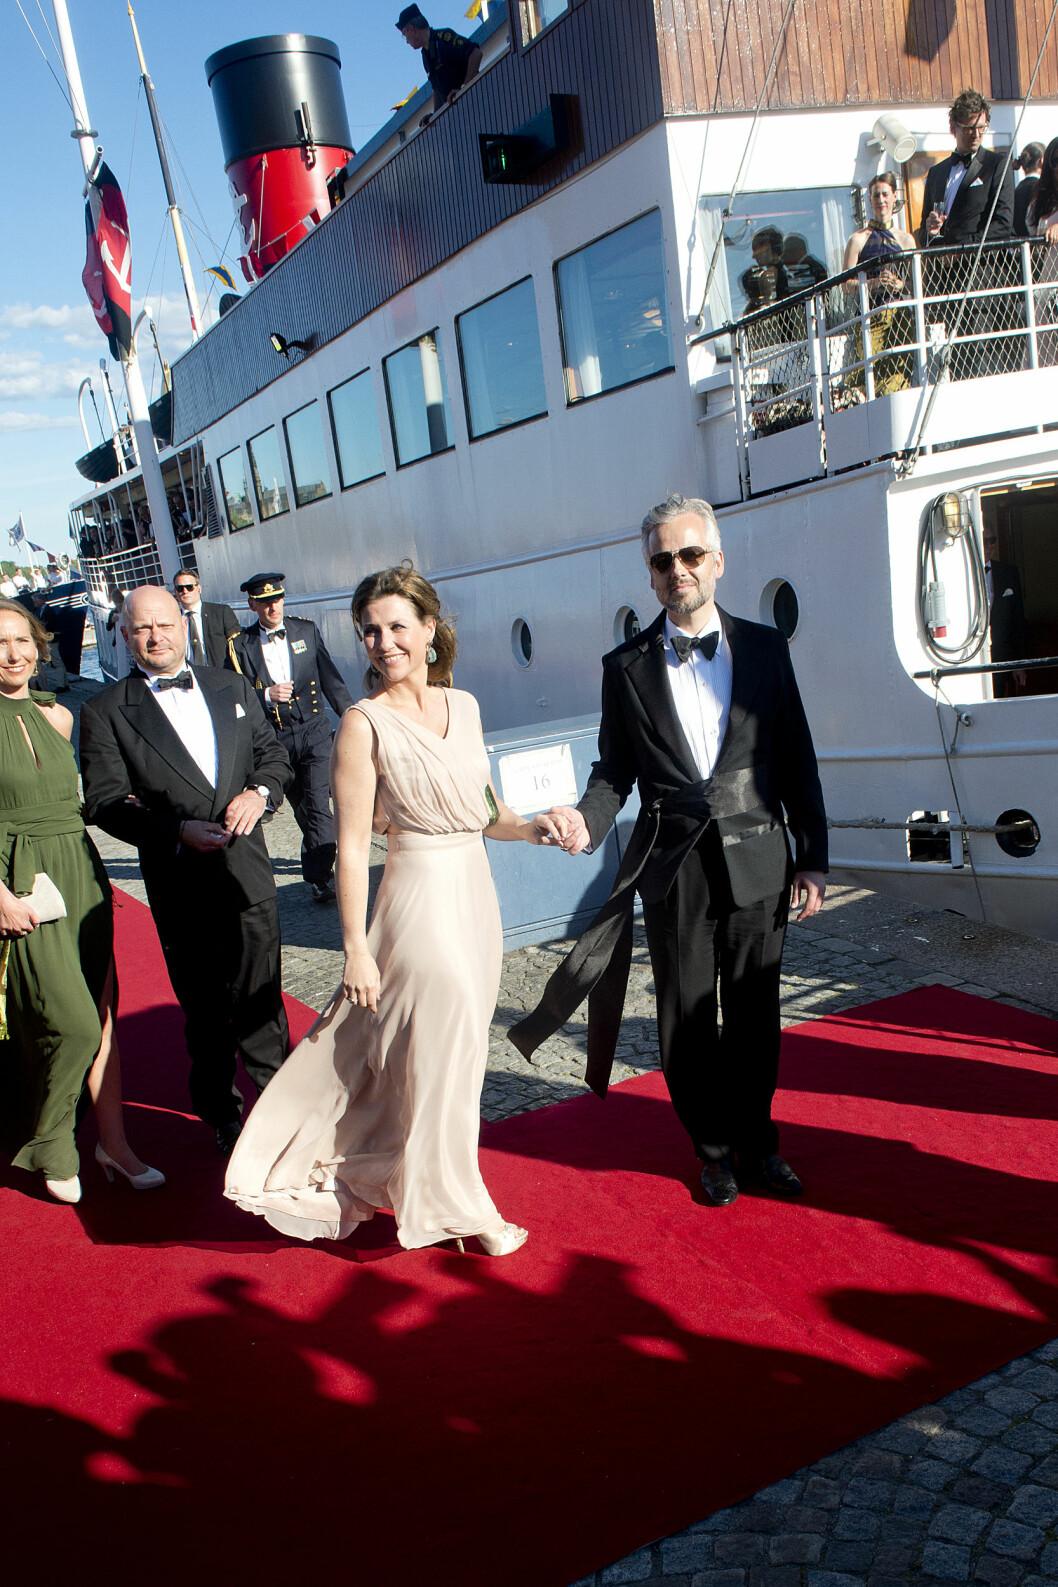 UTSTRÅLER SIKKERHET: Prinsesse Märtha Louise med ektemannen Ari Behn fotografert i forbindelse med prins Carl Philip og prinsesse Sofias bryllup i helgen. Foto: NTB scanpix